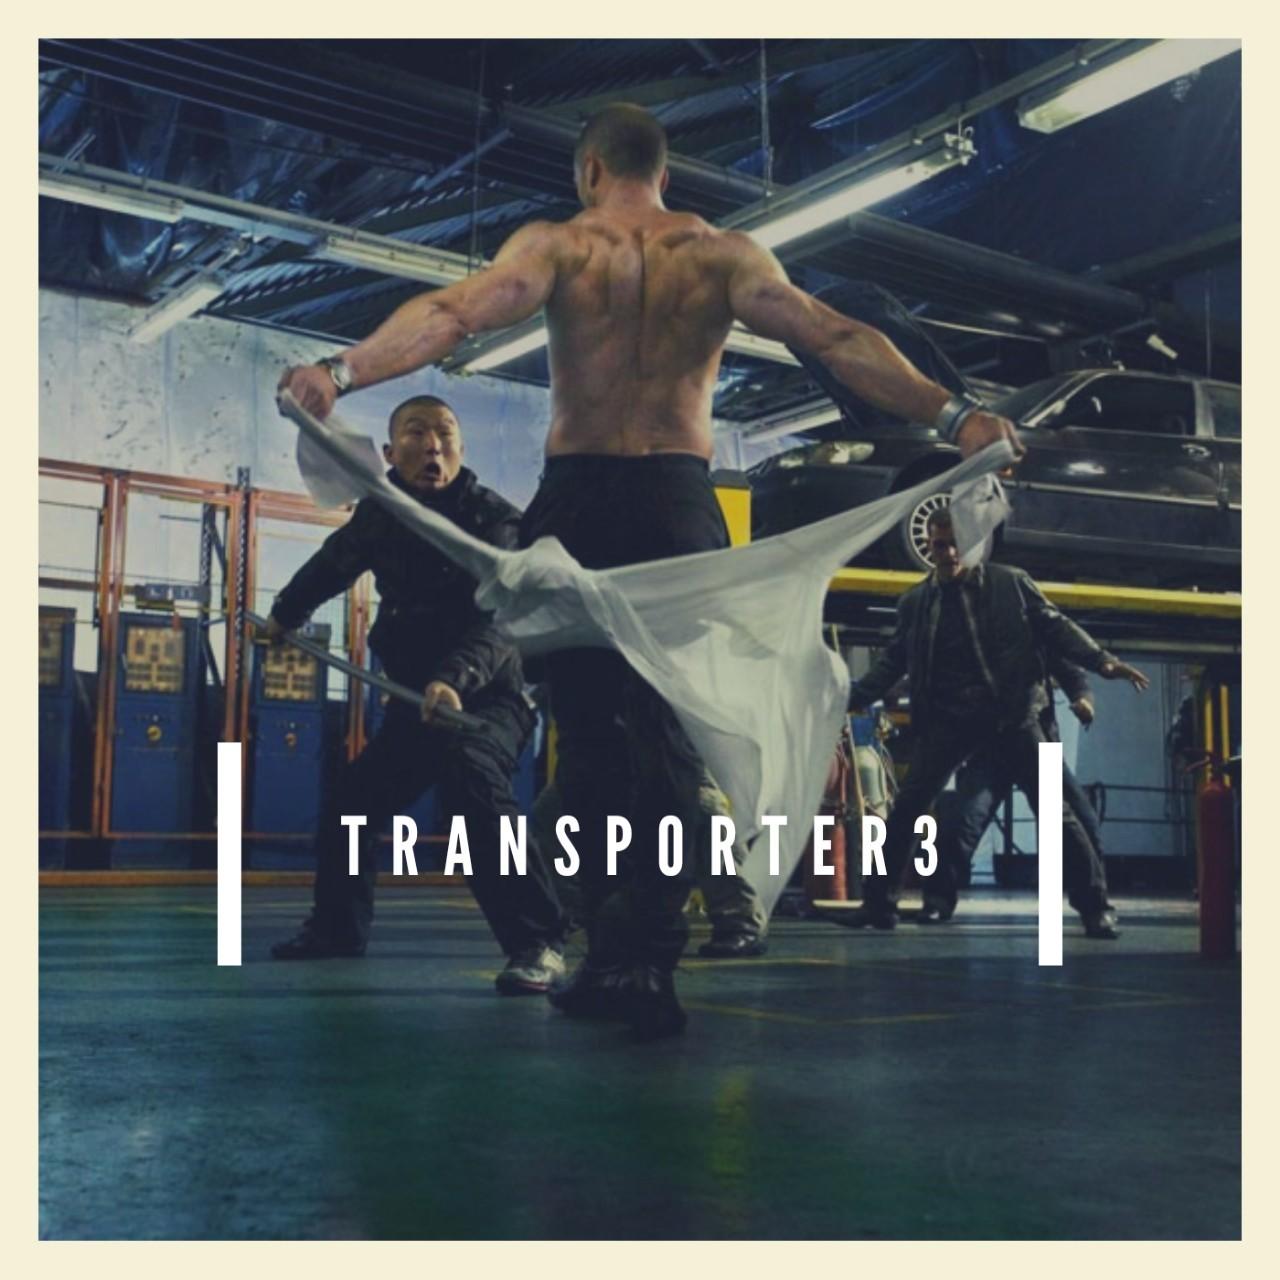 トランスポーター3:アンリミテッド(2008)